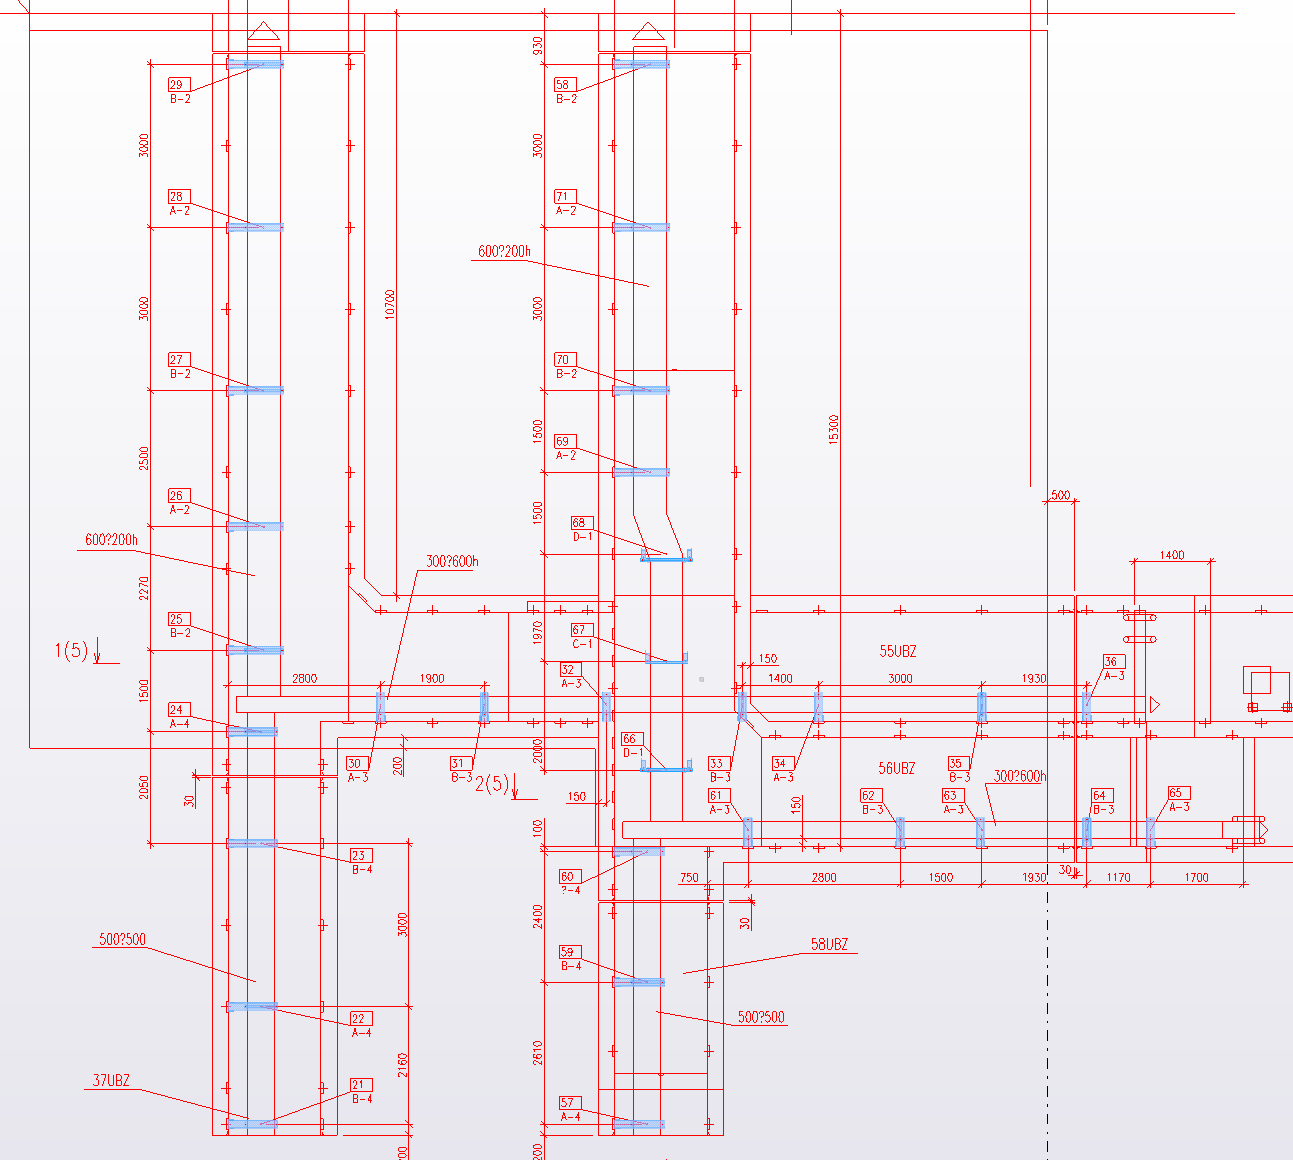 Դիզայն եւ հաշվարկը մետաղական կառուցվածքների